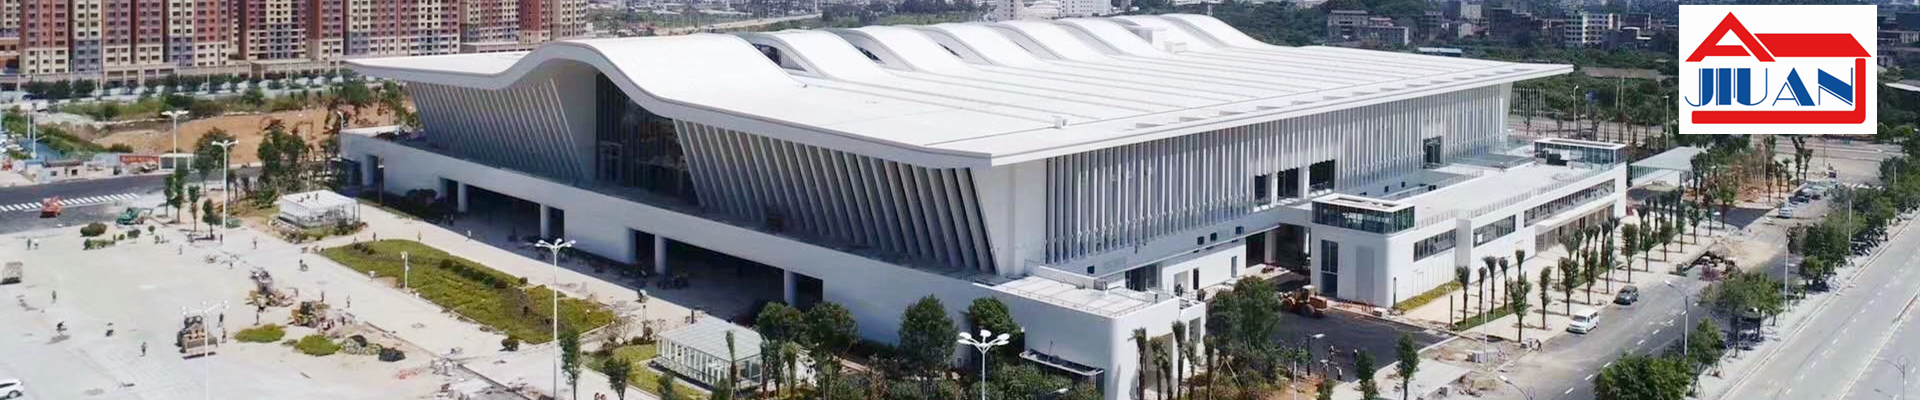 徐州玖安建筑材料有限公司